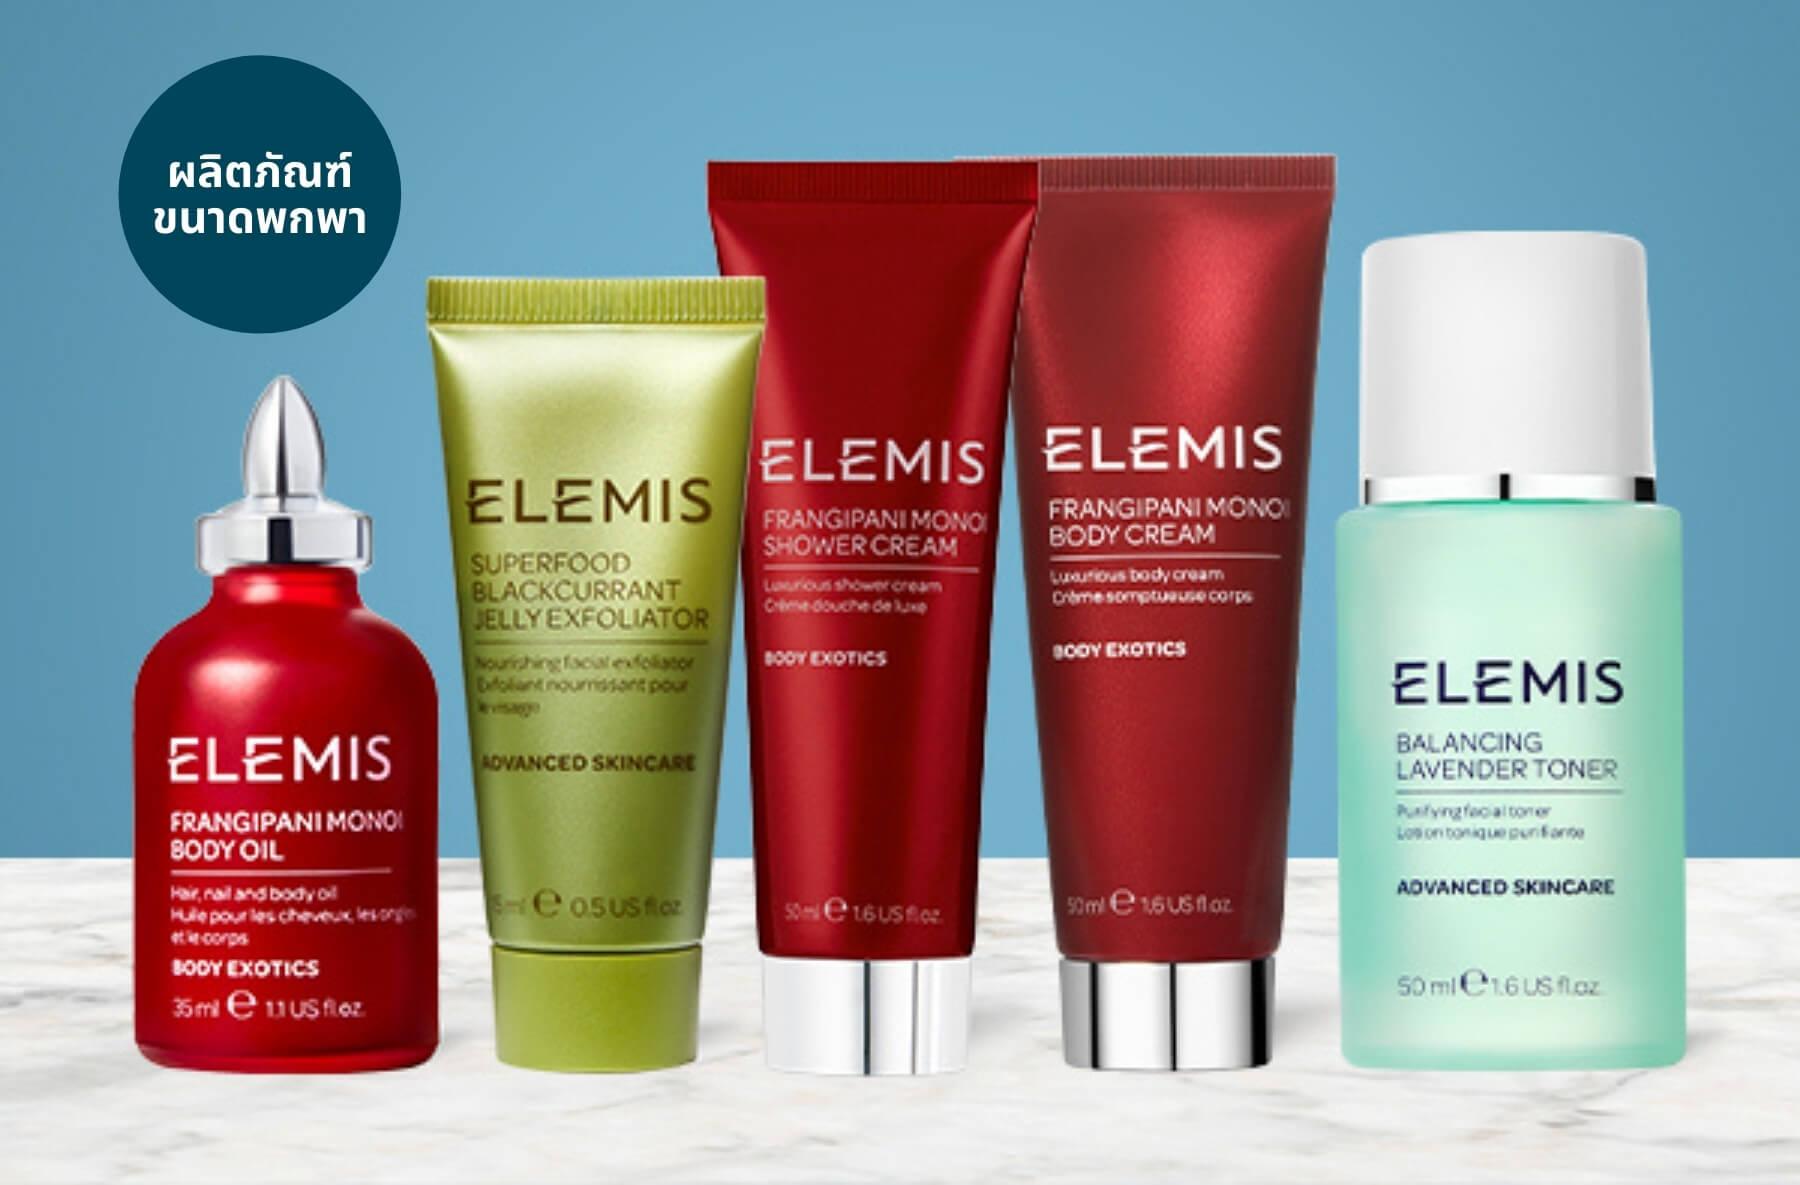 เลือกผลิตภัณฑ์ขนาดพกพาจาก ELEMIS 3 ชิ้น เพียง 800.-